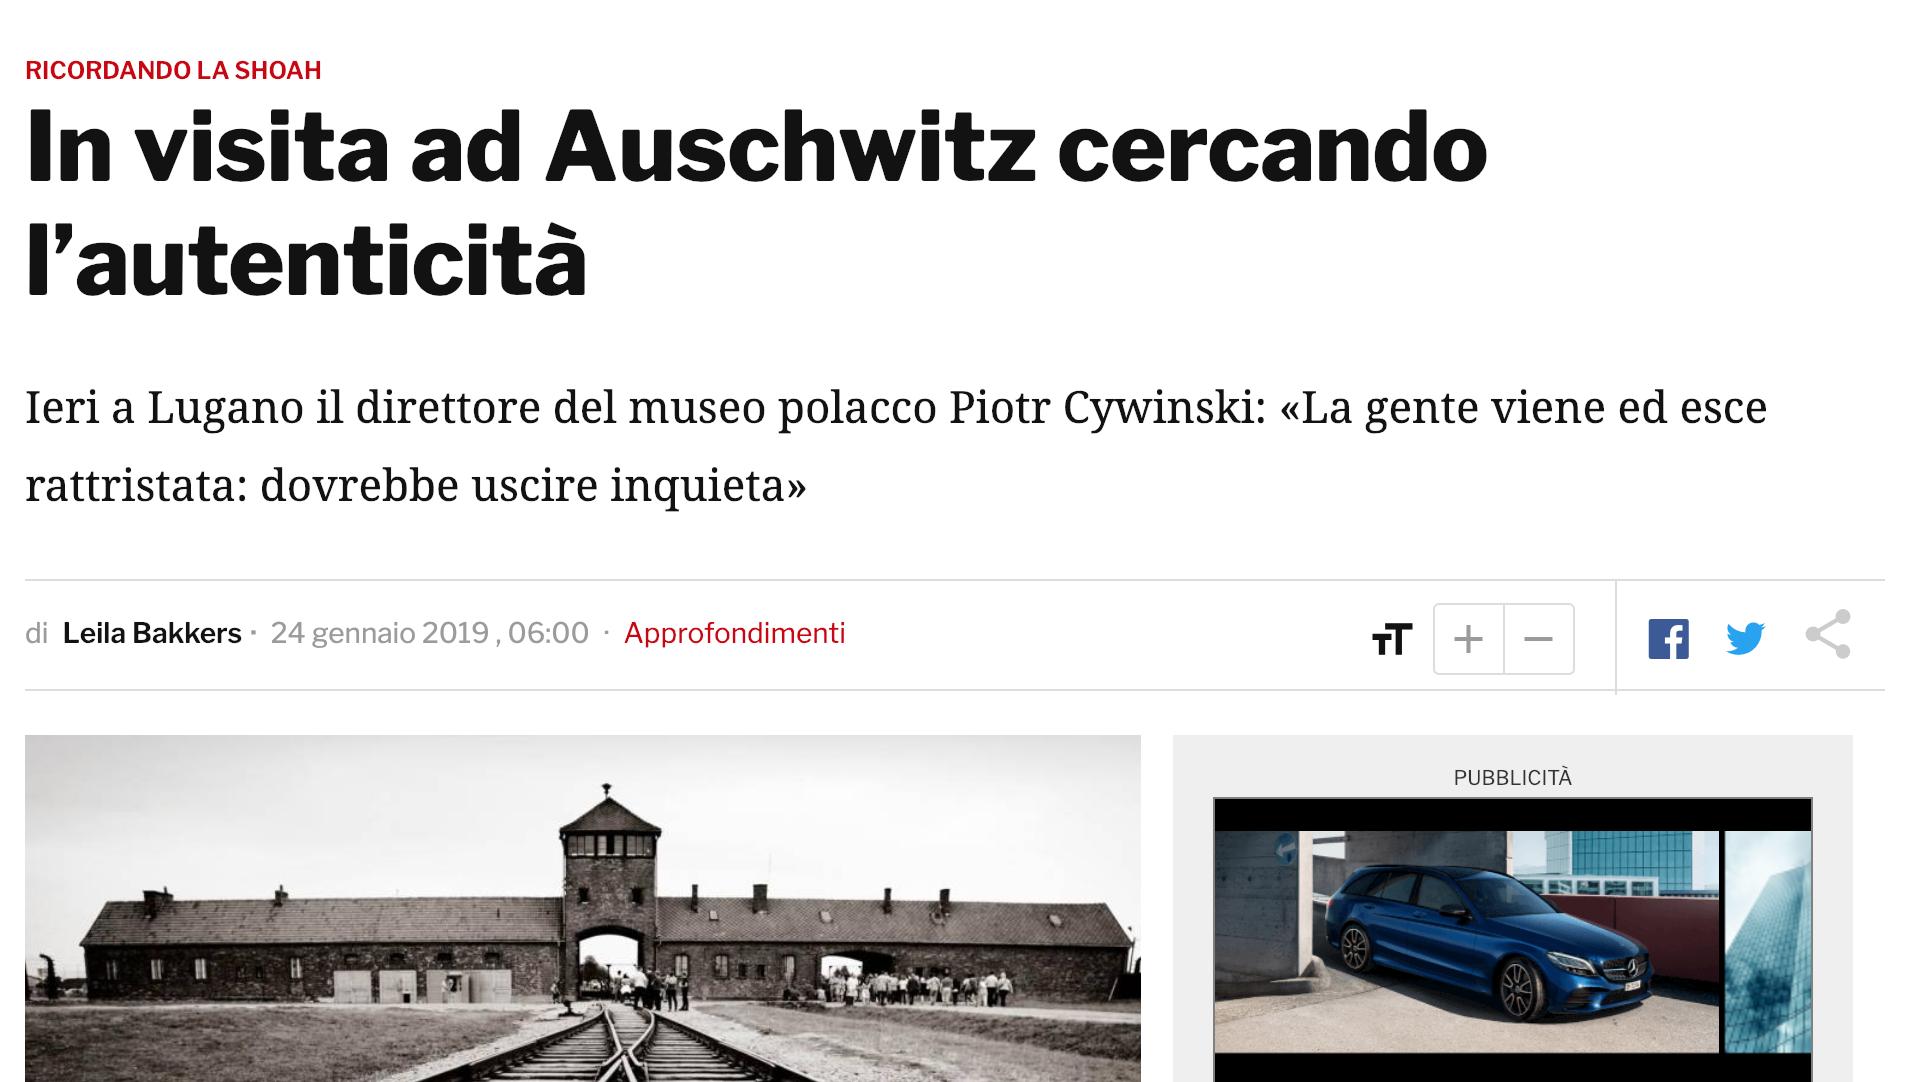 24.01.19 - Corriere del Ticino